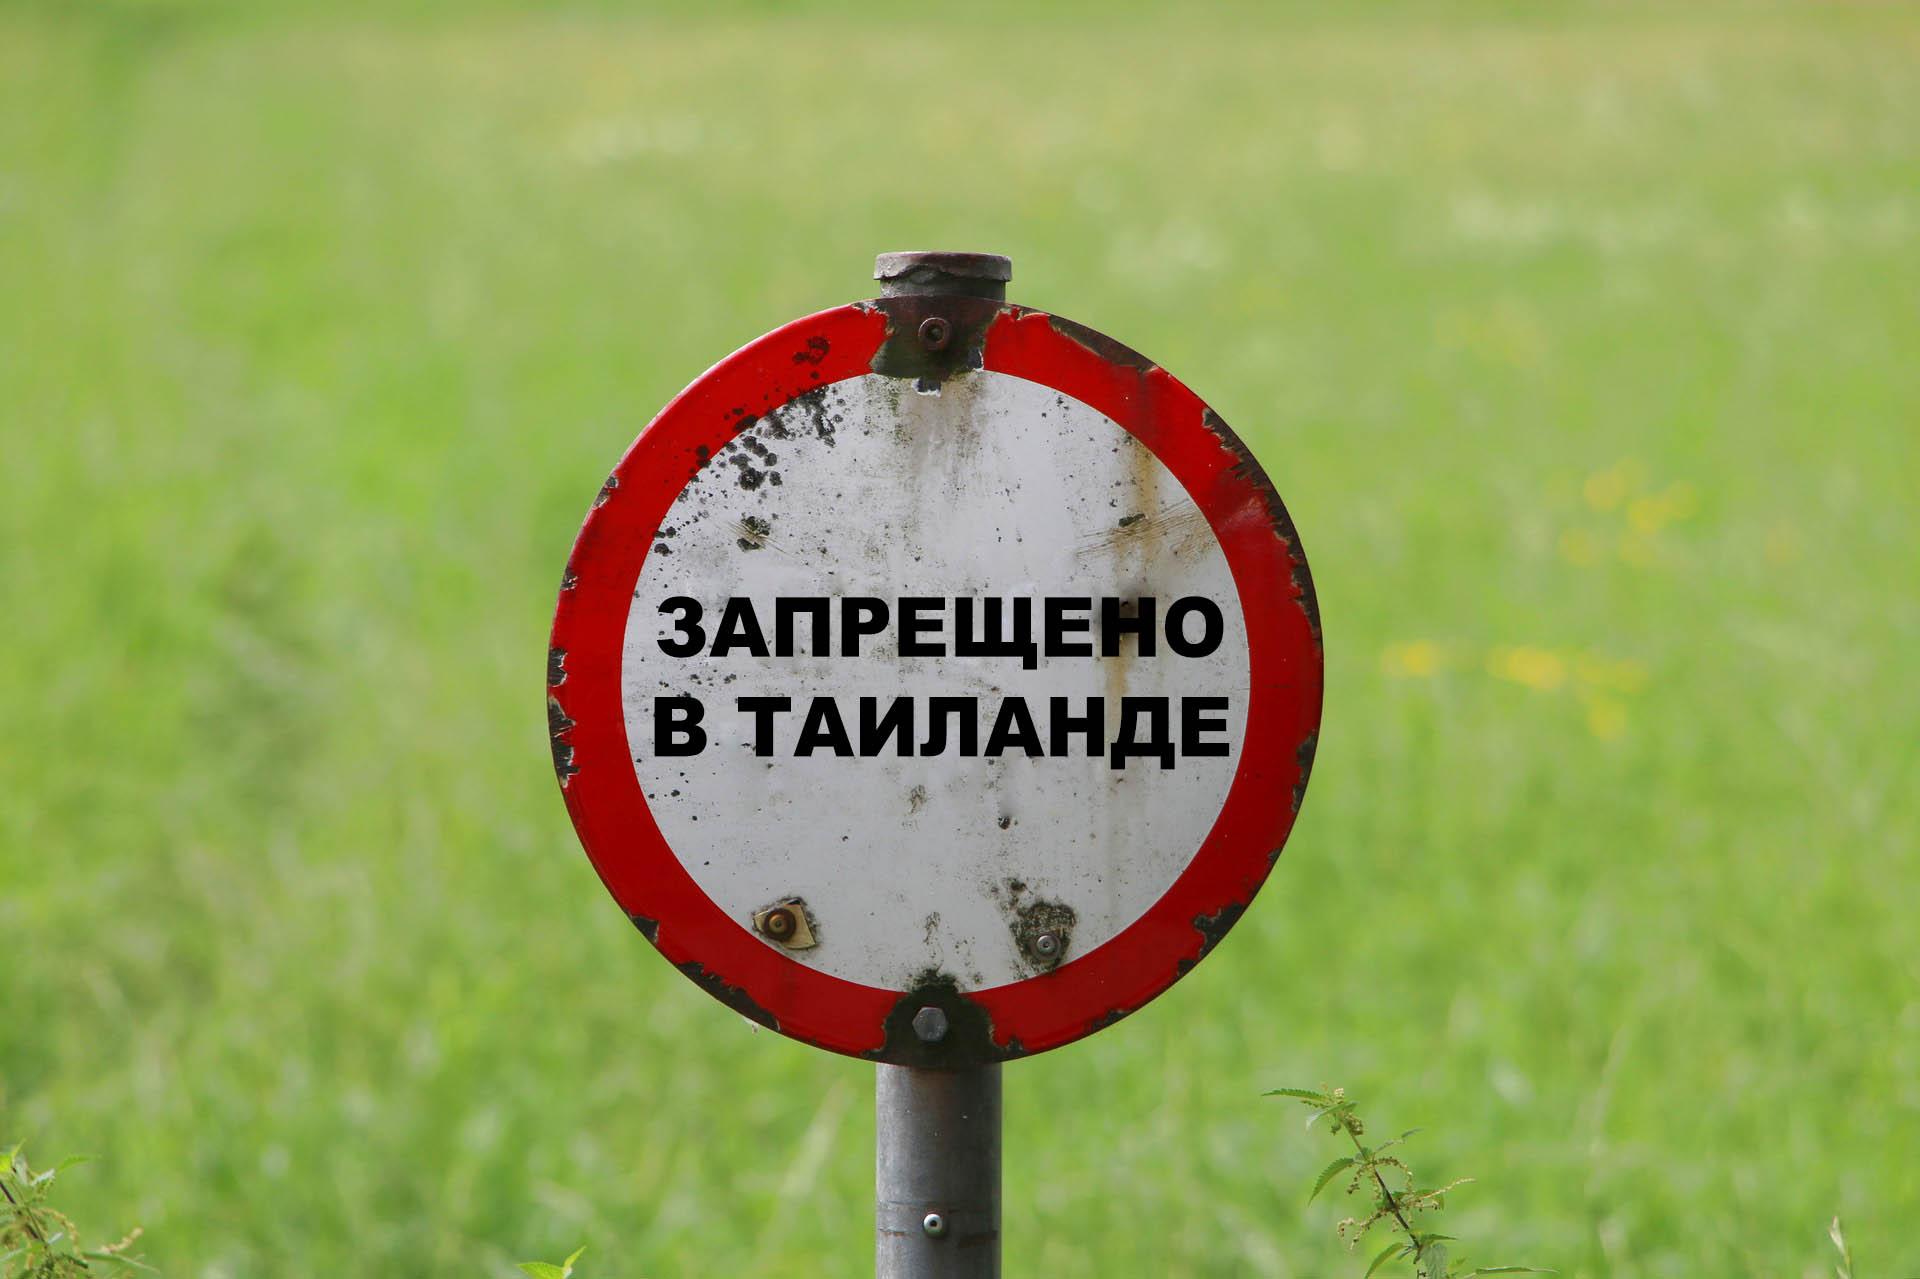 Запреты для туристов в Таиланде, Что нельзя делать туристу в Таиланде